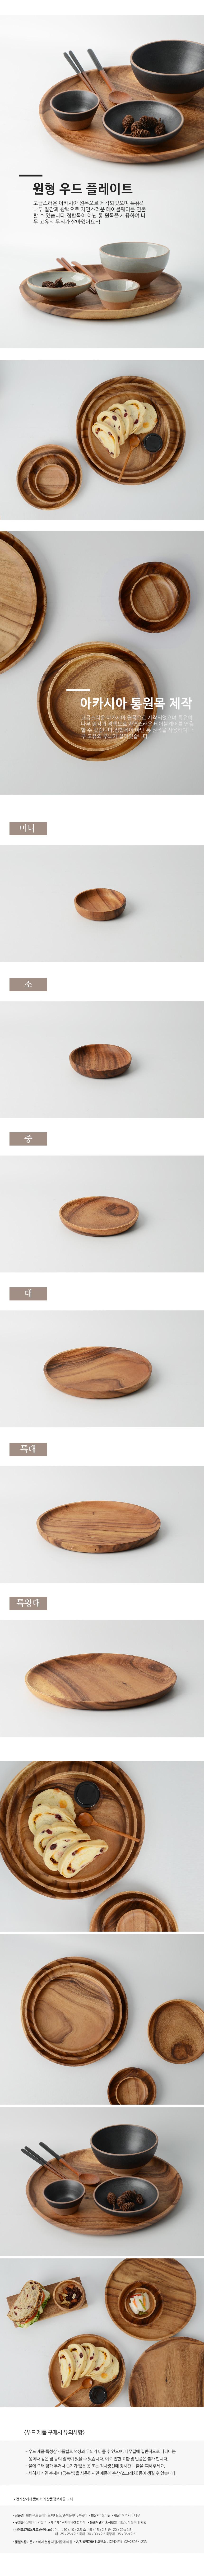 아카시아 원목 원형 우드 플레이트 중 - 로메이키친A, 7,600원, 접시/찬기, 접시